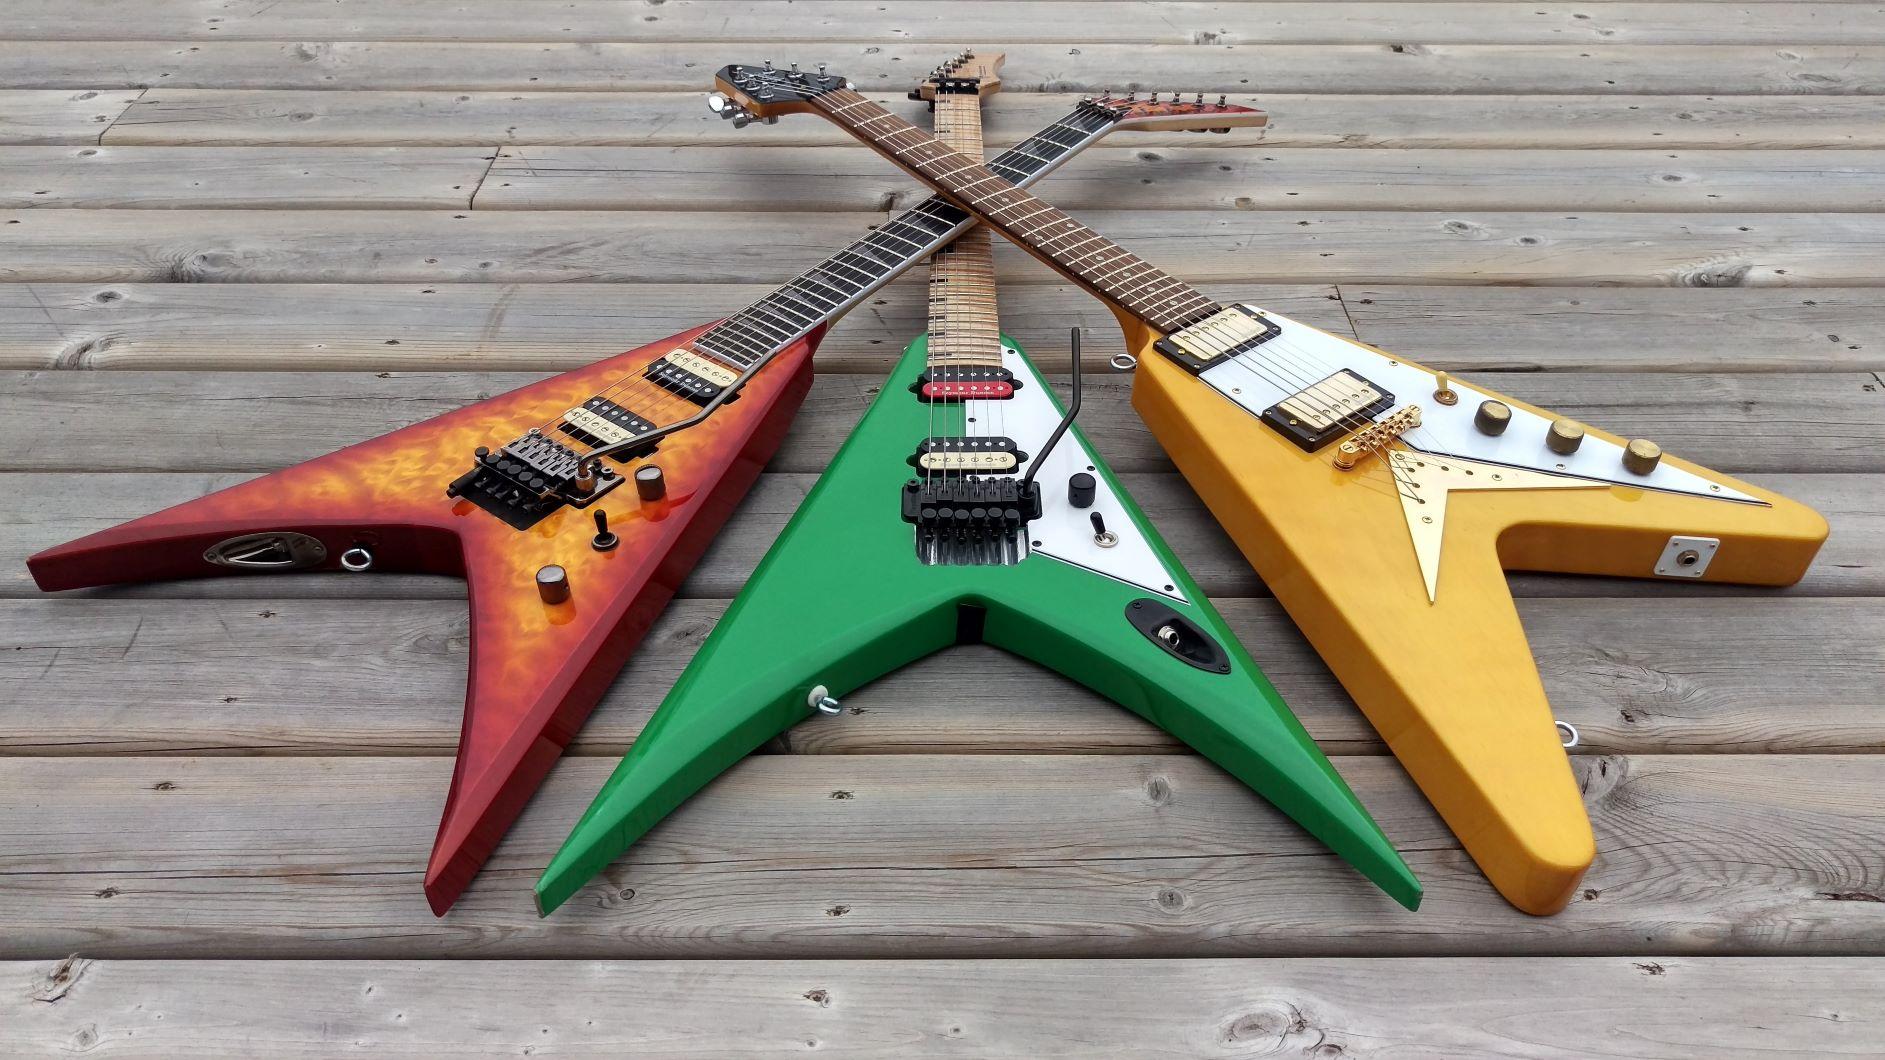 Trois guitares électriques avec un beau vernis bien entrenu